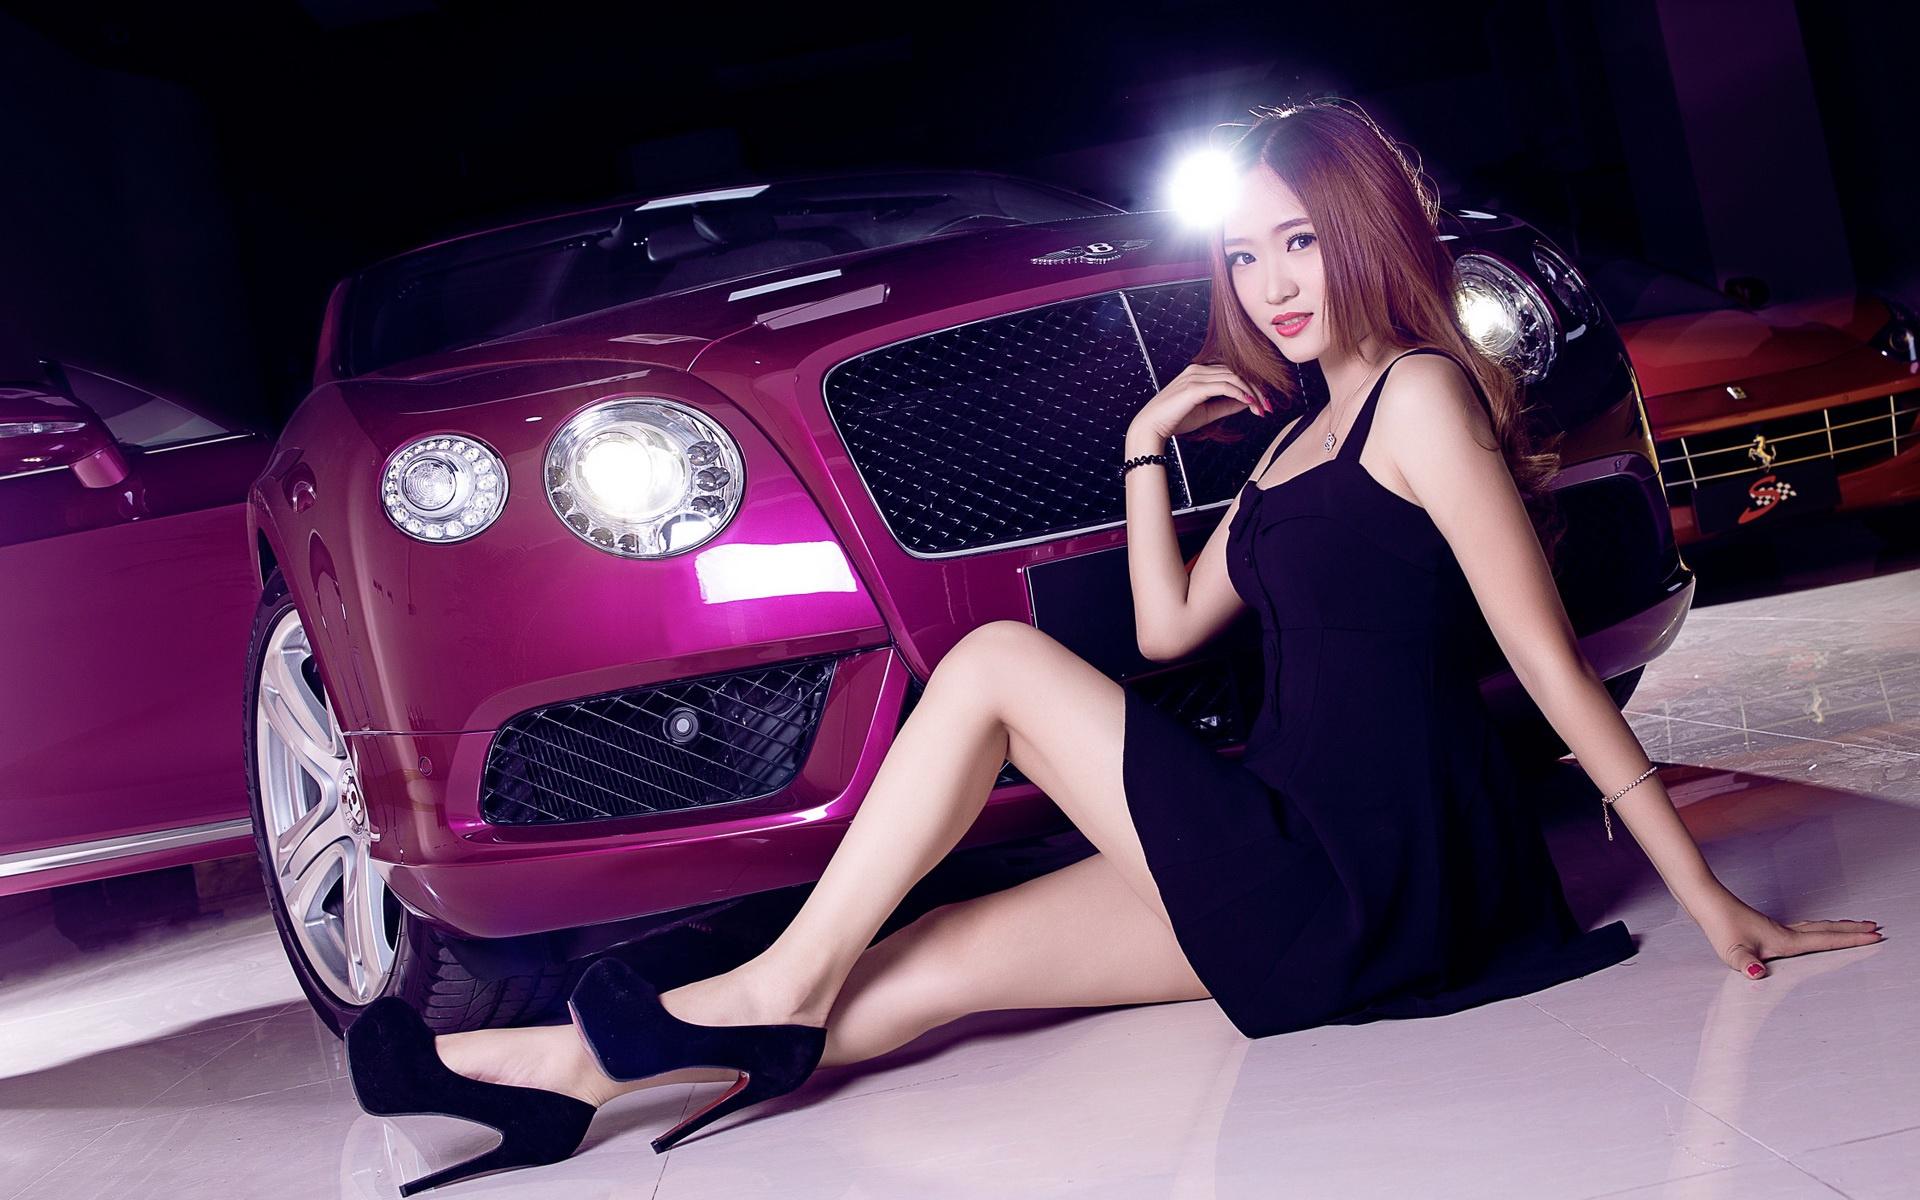 Шикарные девушки и красивые машины